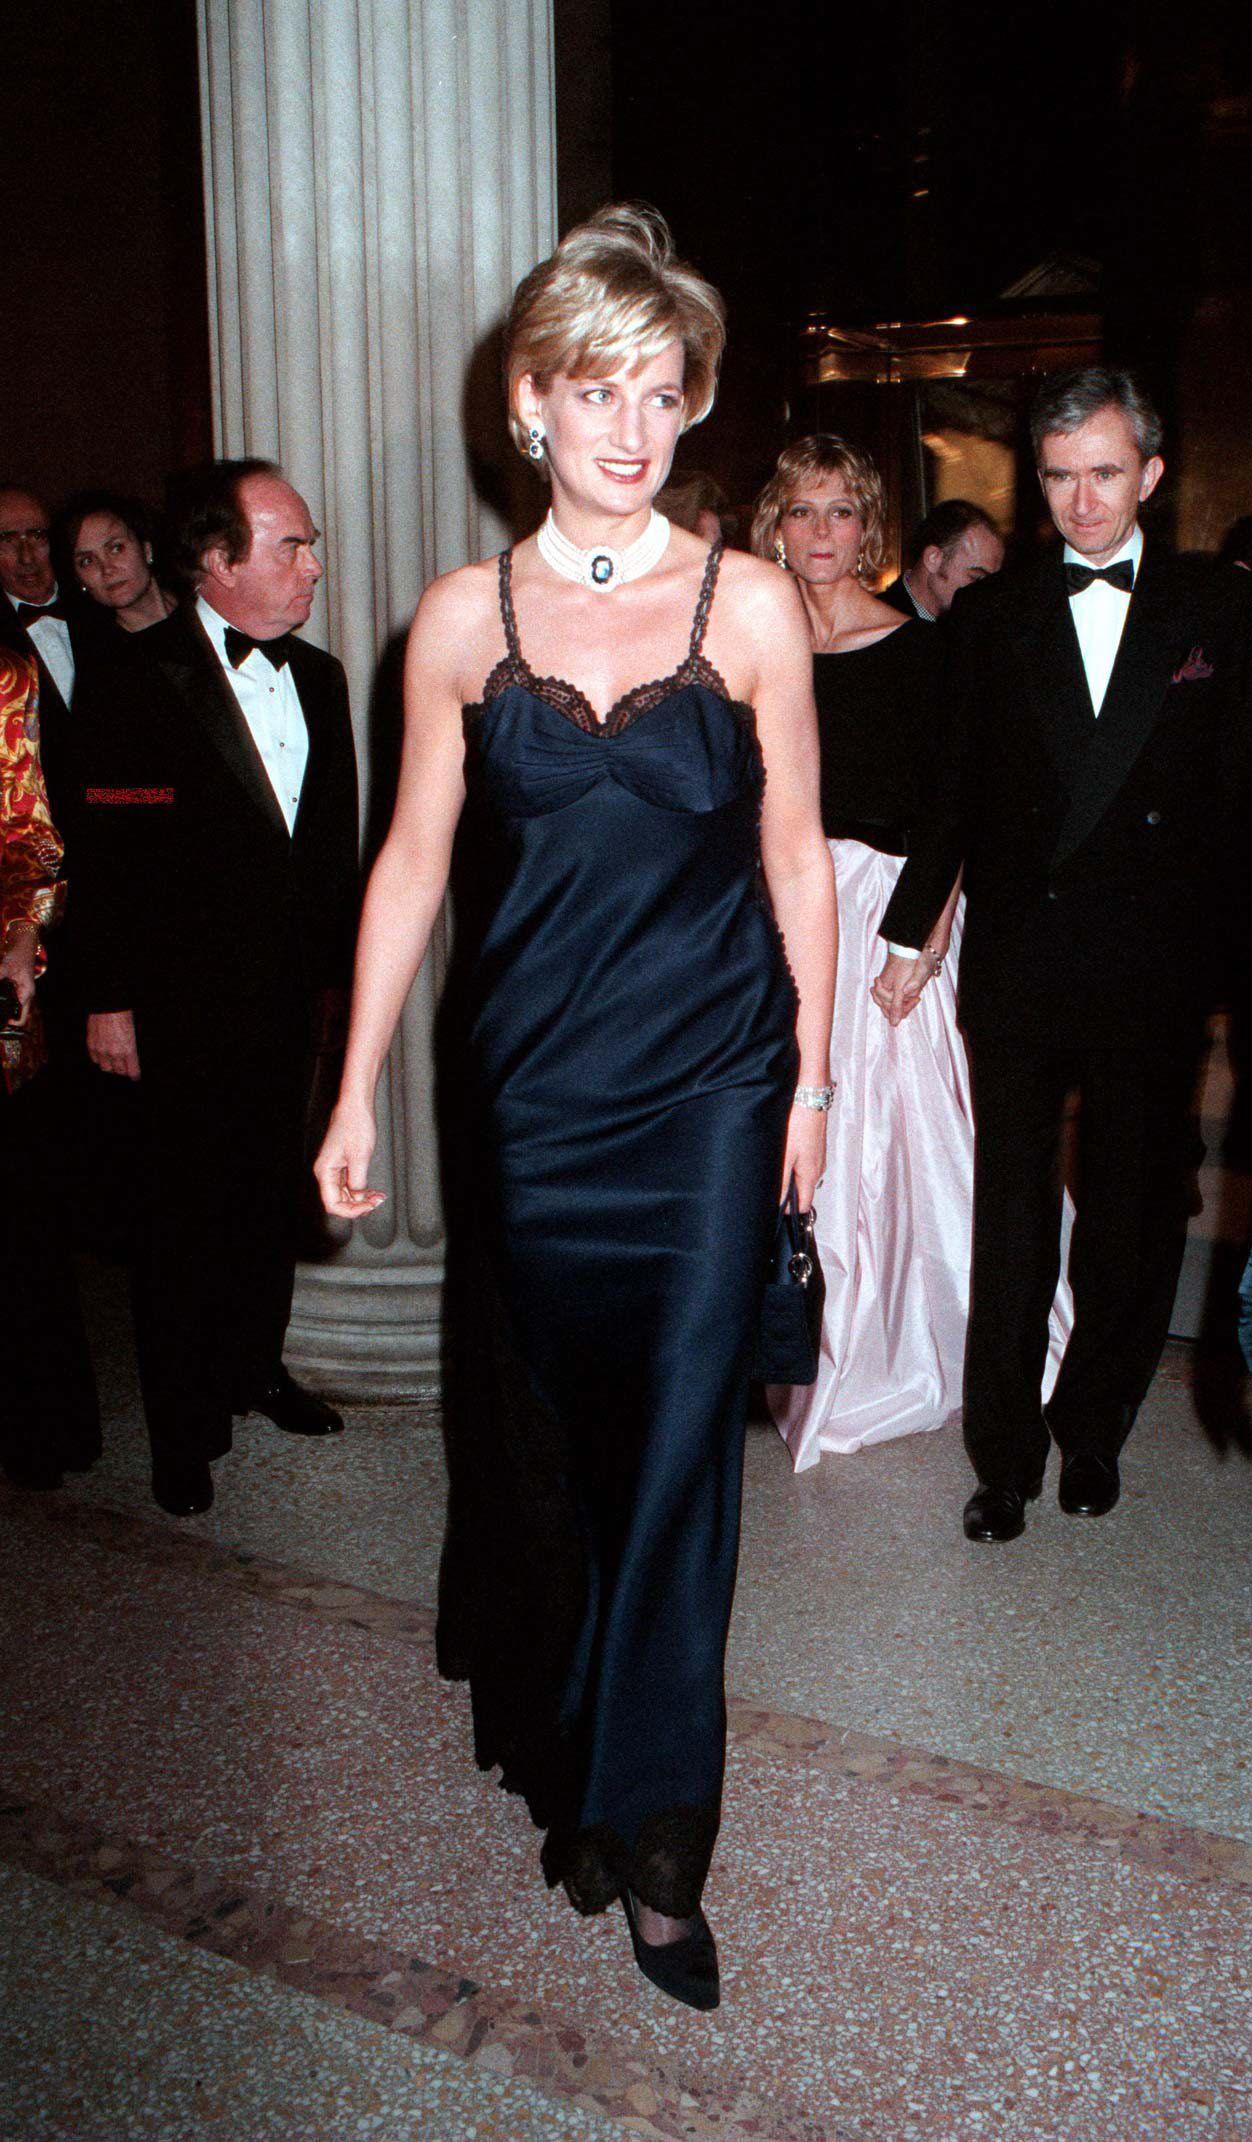 slip dress phong cách retro 90 vintage công nương diana met gala 1996